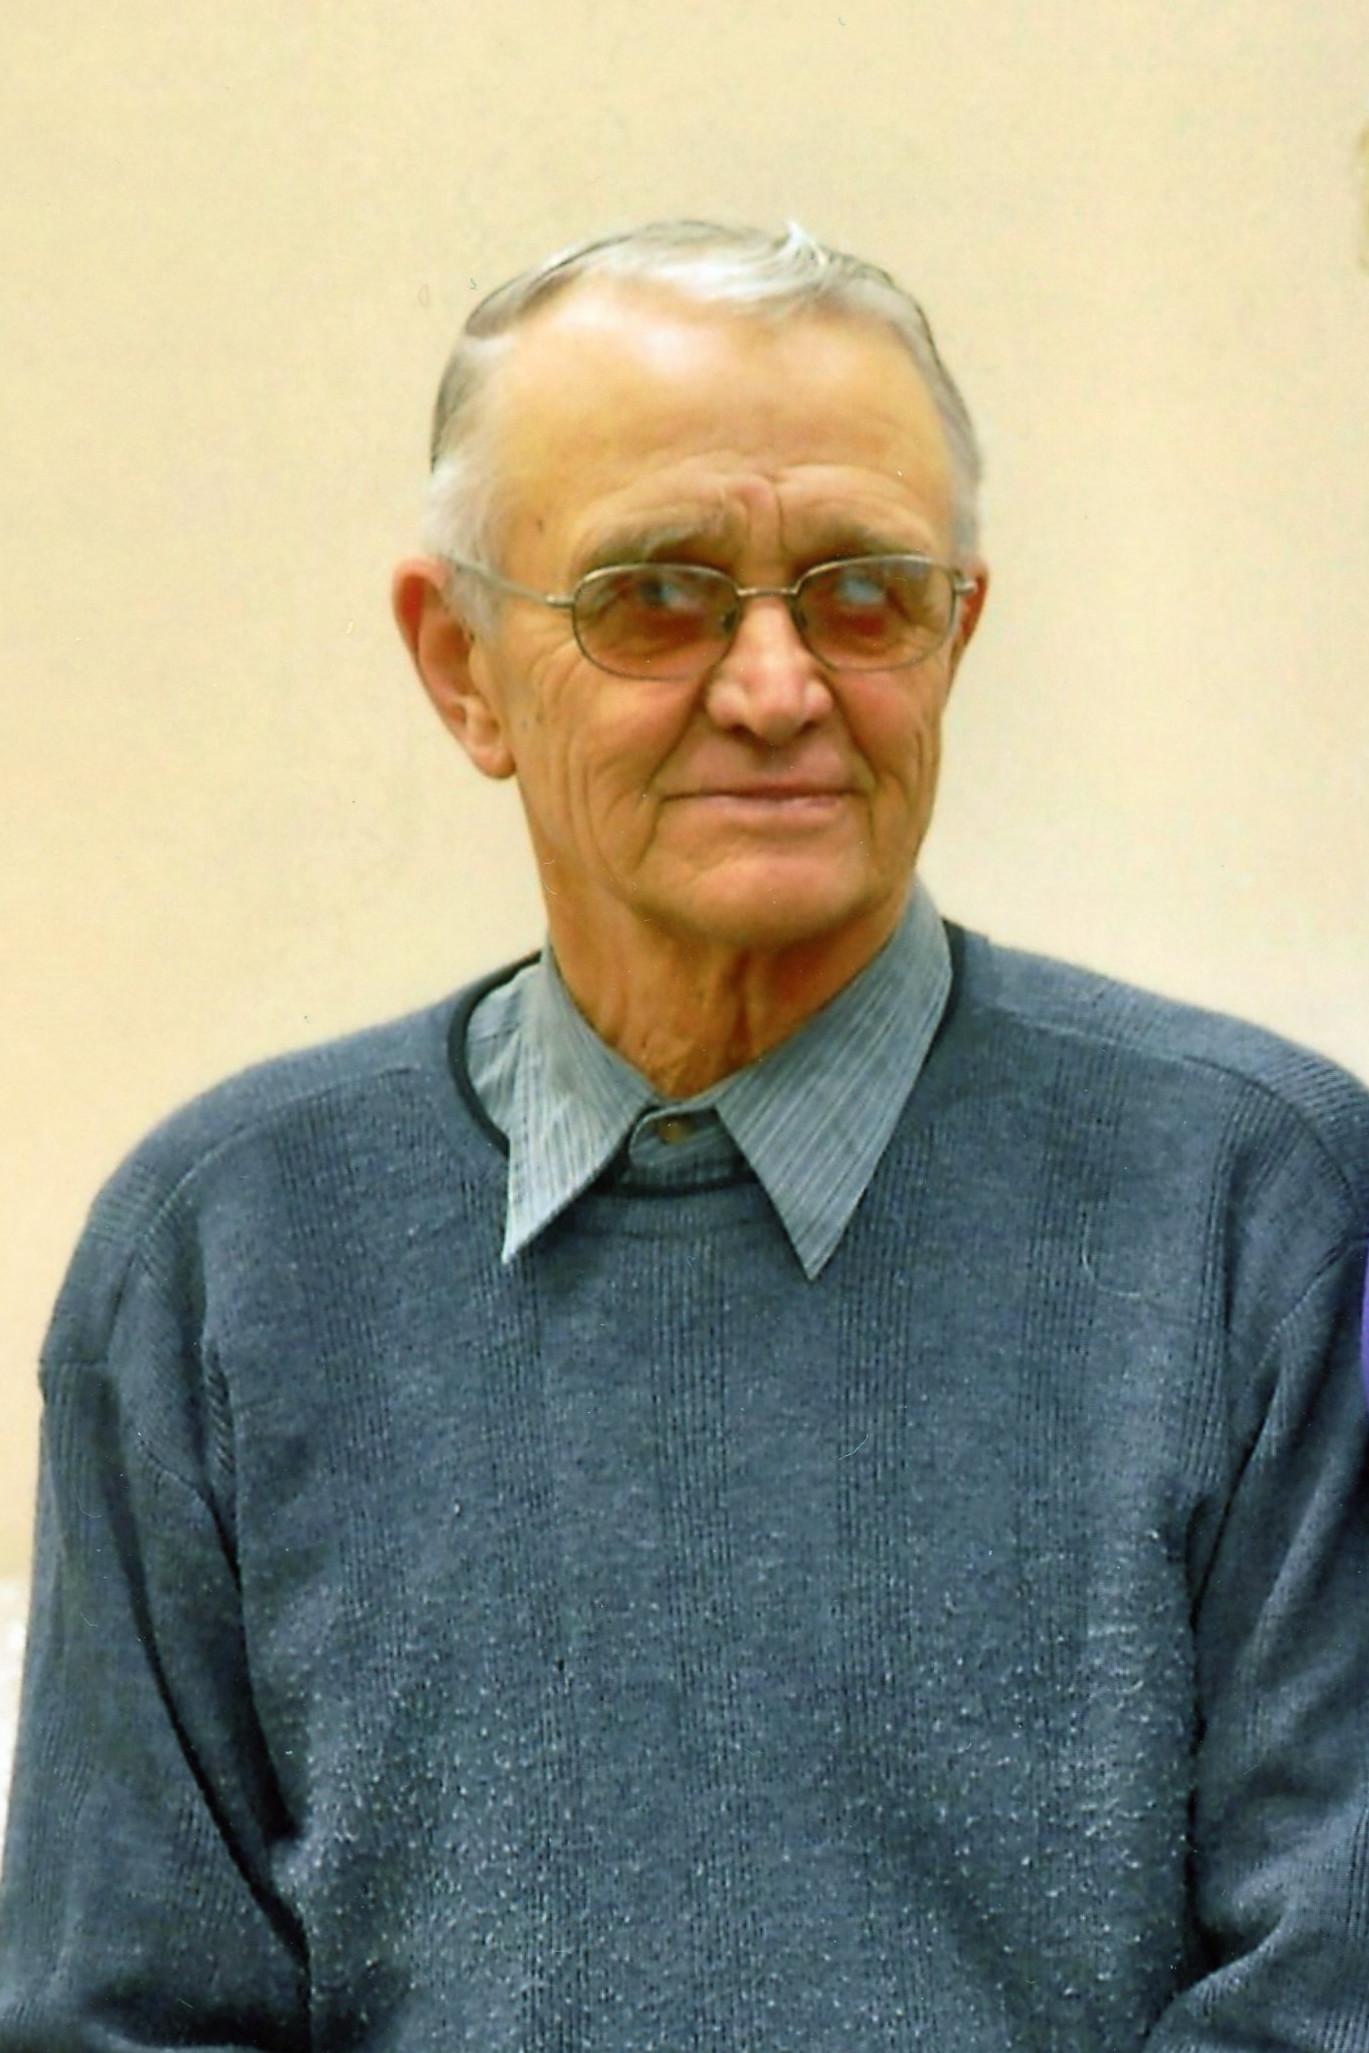 Edward Charles Wollschlager